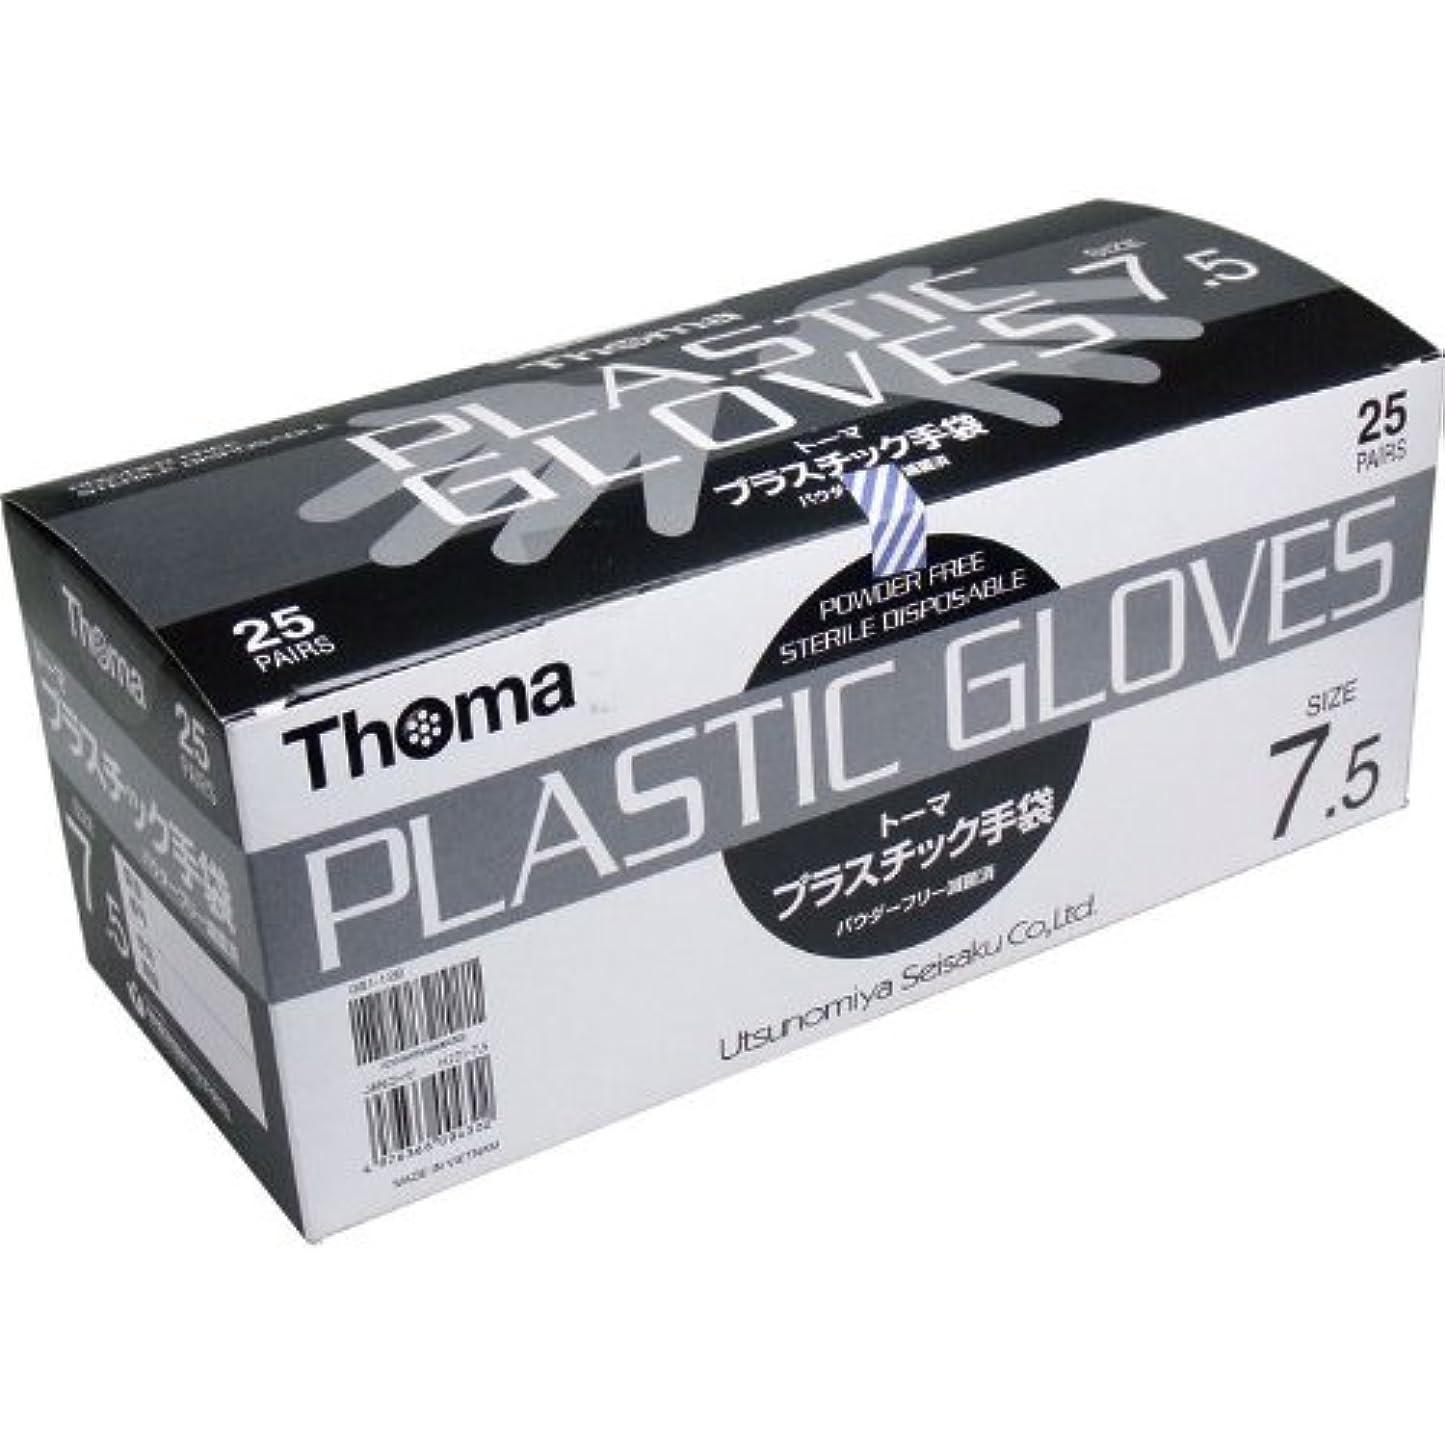 ありがたい舗装する雰囲気パウダーフリー手袋 1双毎に滅菌包装、衛生的 便利 トーマ プラスチック手袋 パウダーフリー滅菌済 25双入 サイズ7.5【4個セット】